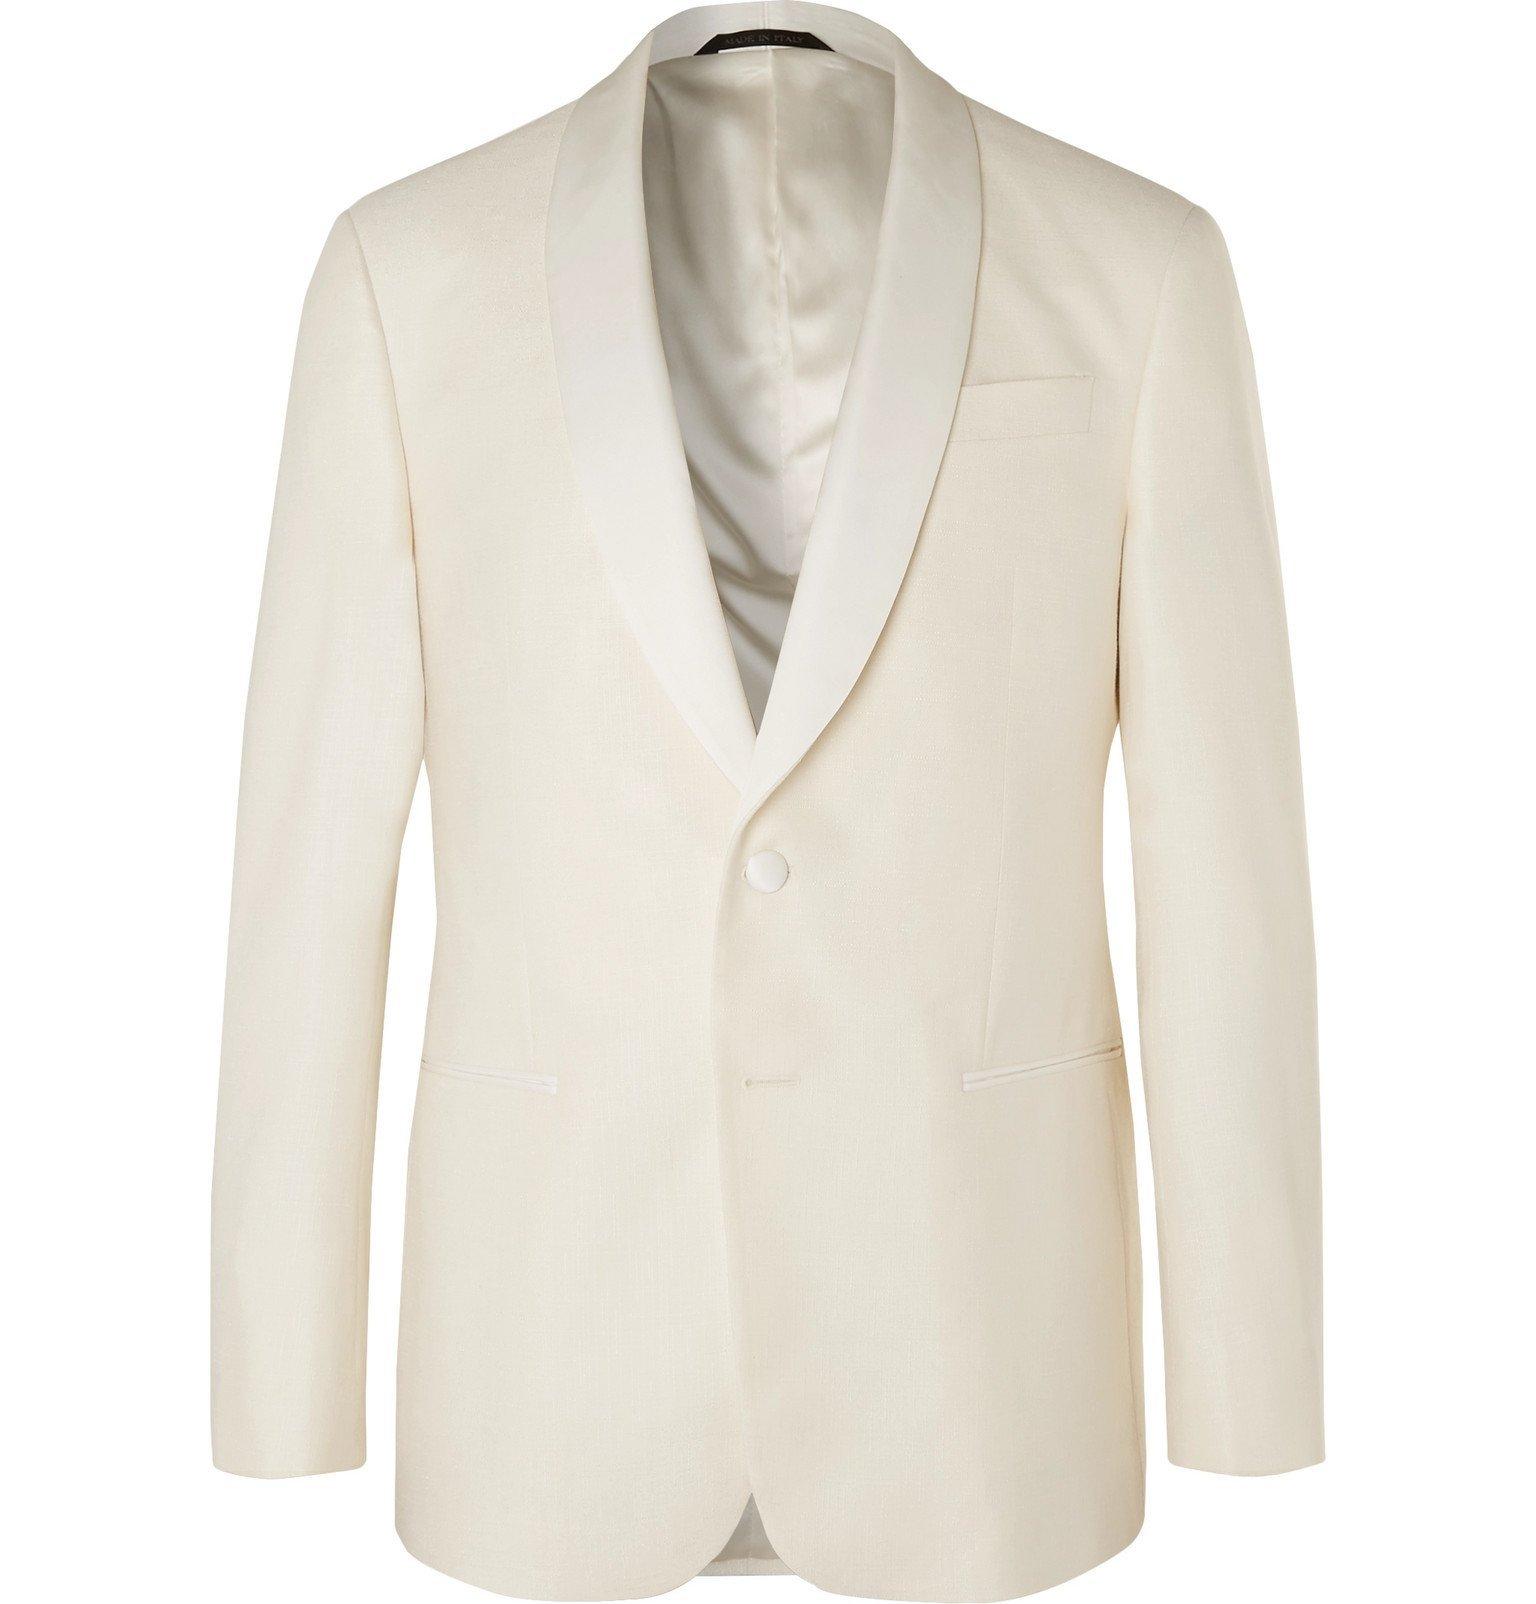 Giorgio Armani - White Shawl-Collar Slub Silk and Wool-Blend Tuxedo Jacket - White